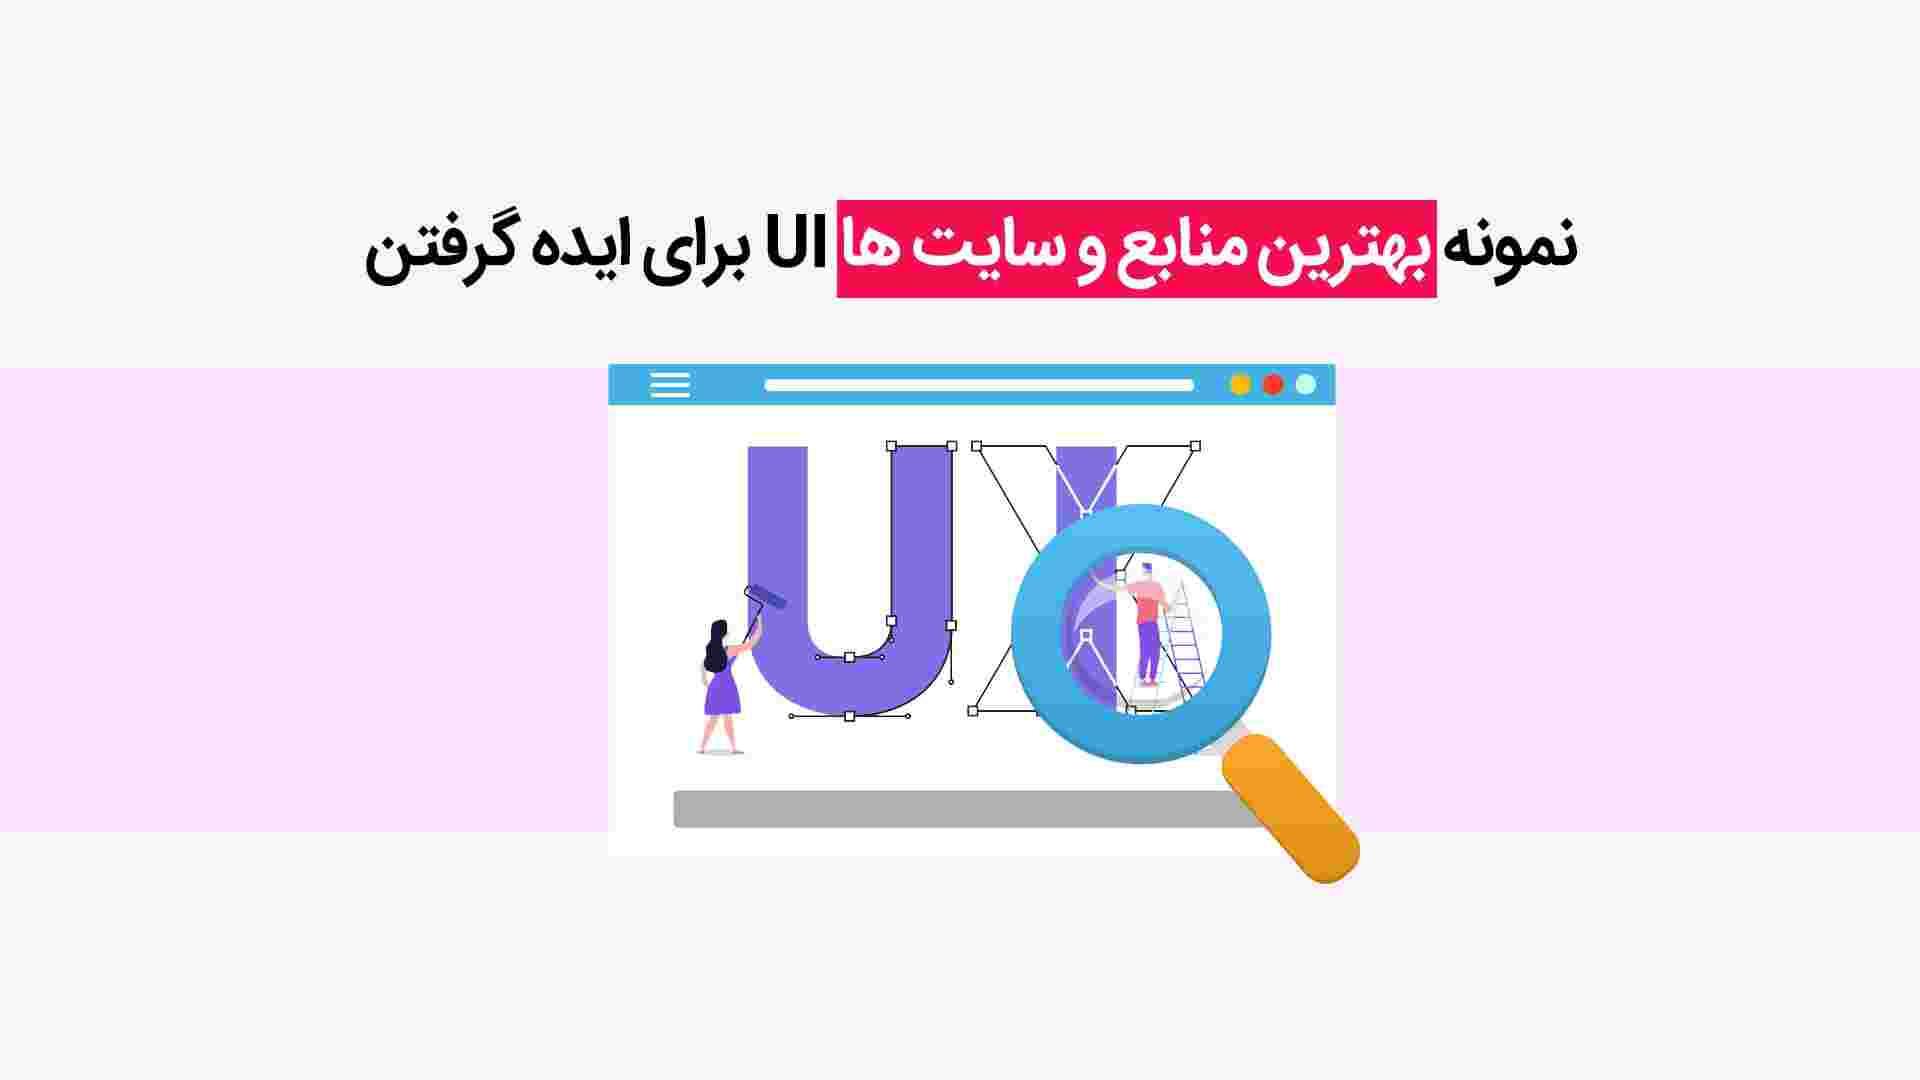 نمونه بهترین منابع و سایت های UI و UX برای ایده و الهام گرفتن از آن ها